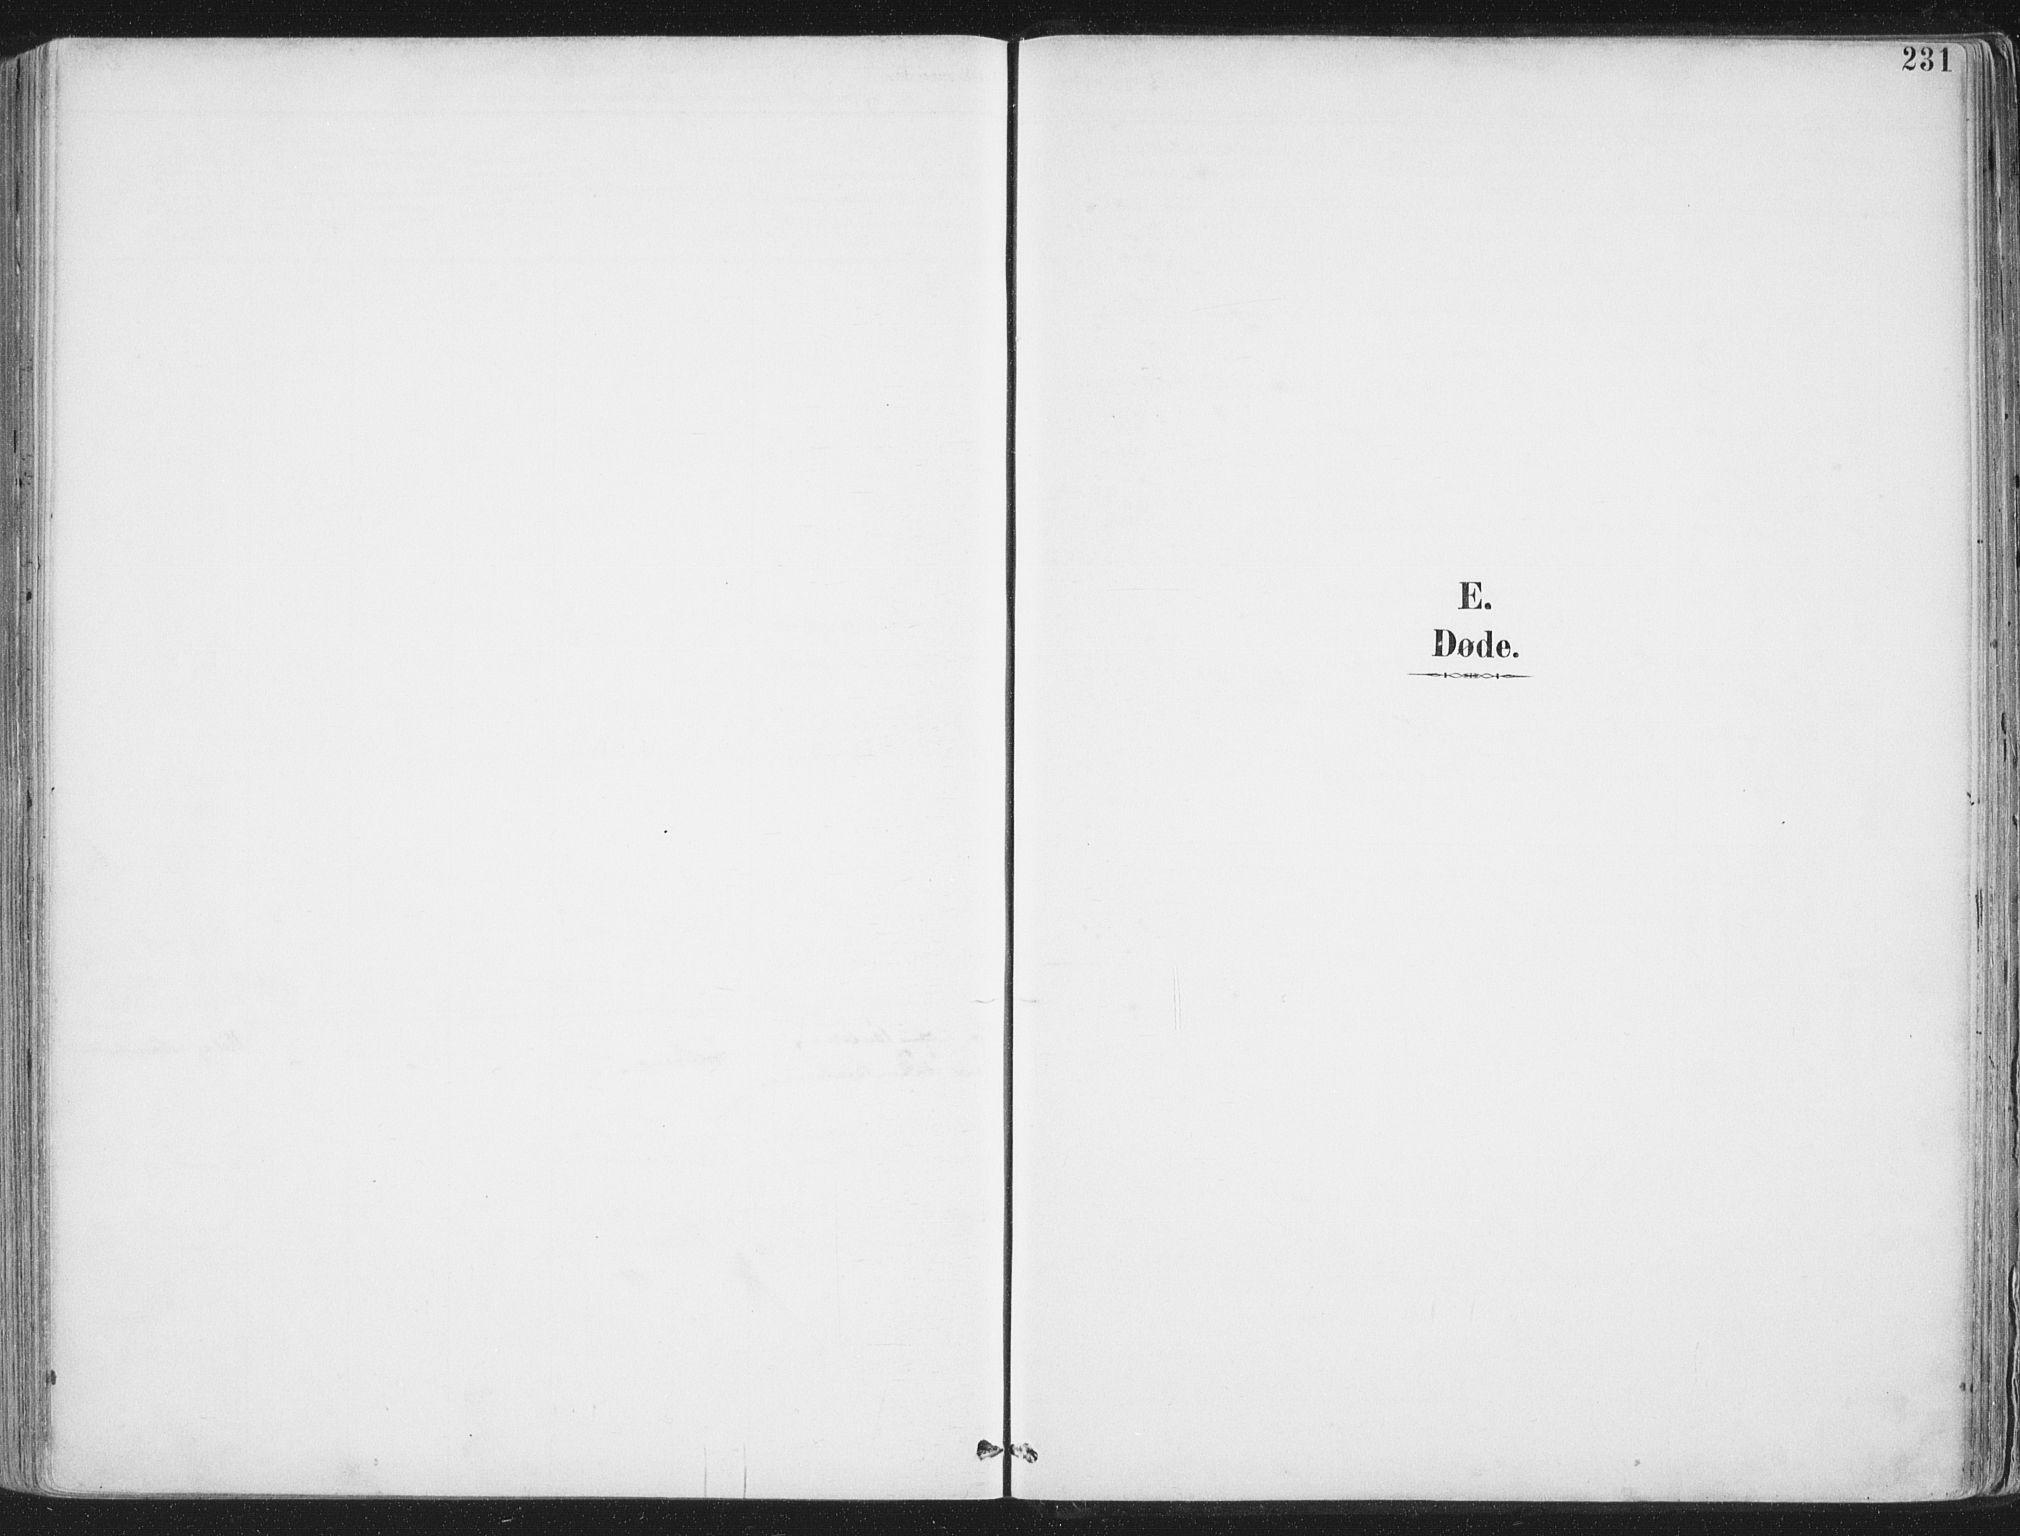 SAT, Ministerialprotokoller, klokkerbøker og fødselsregistre - Nordland, 888/L1246: Parish register (official) no. 888A12, 1891-1903, p. 231